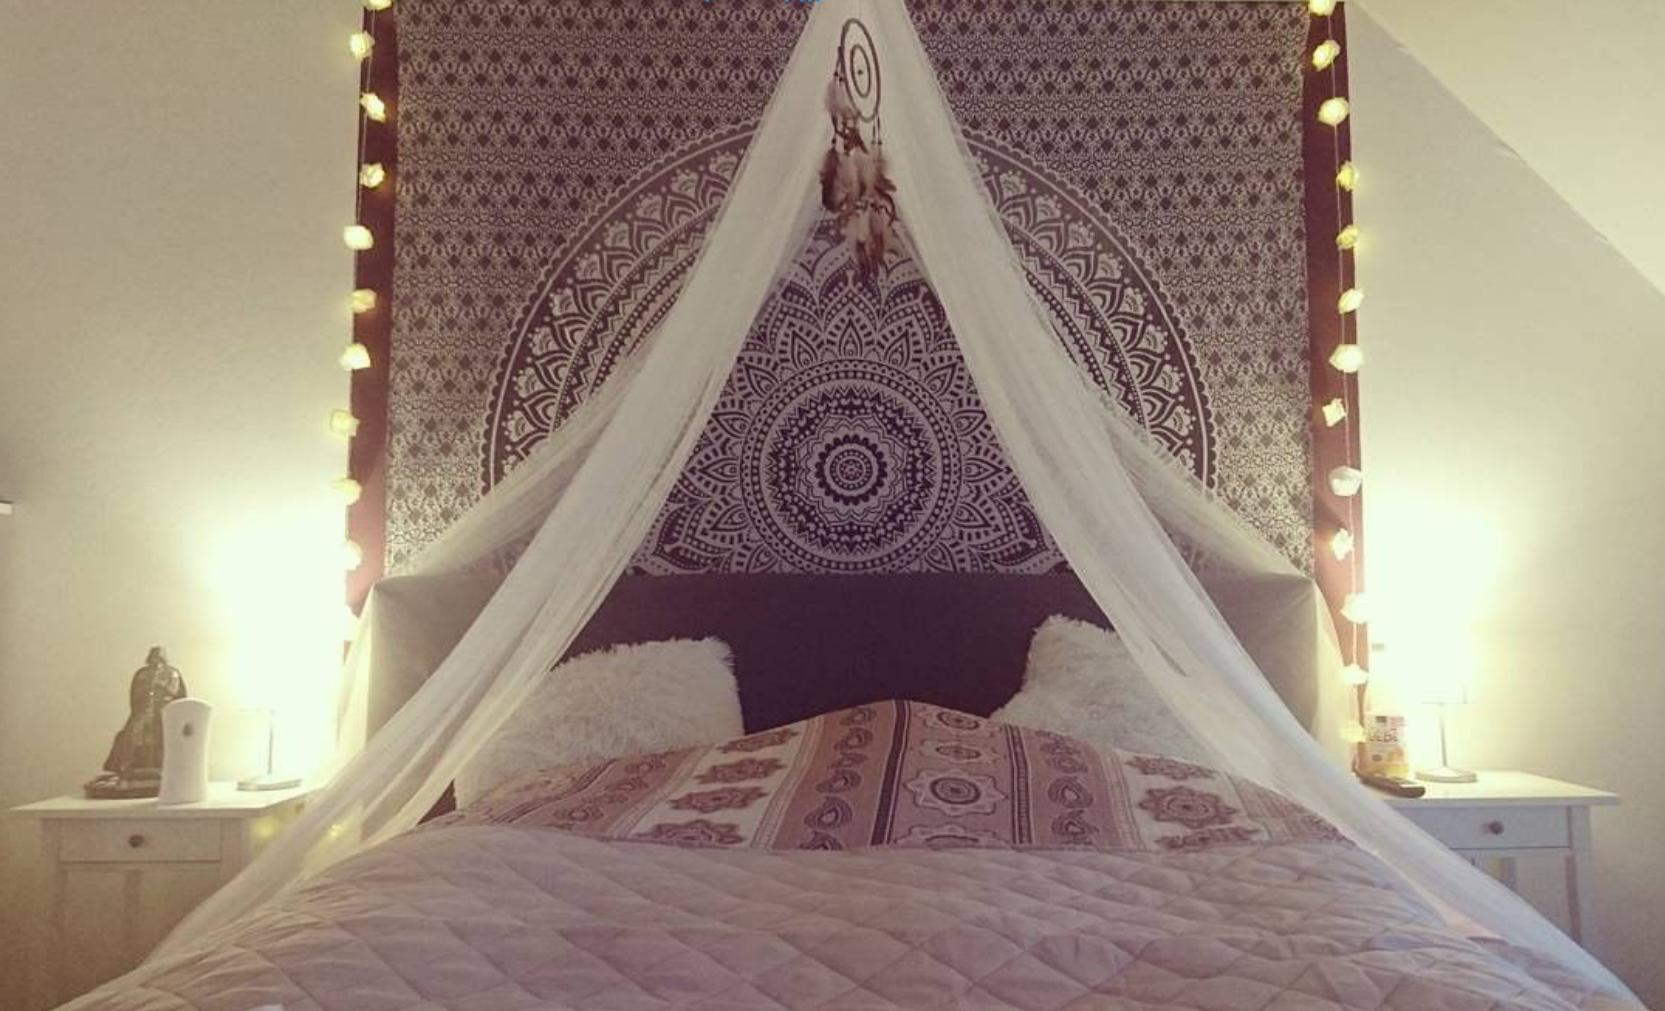 Zentrales Mandala Wandtuch mit Hintergrund Beleuchtung